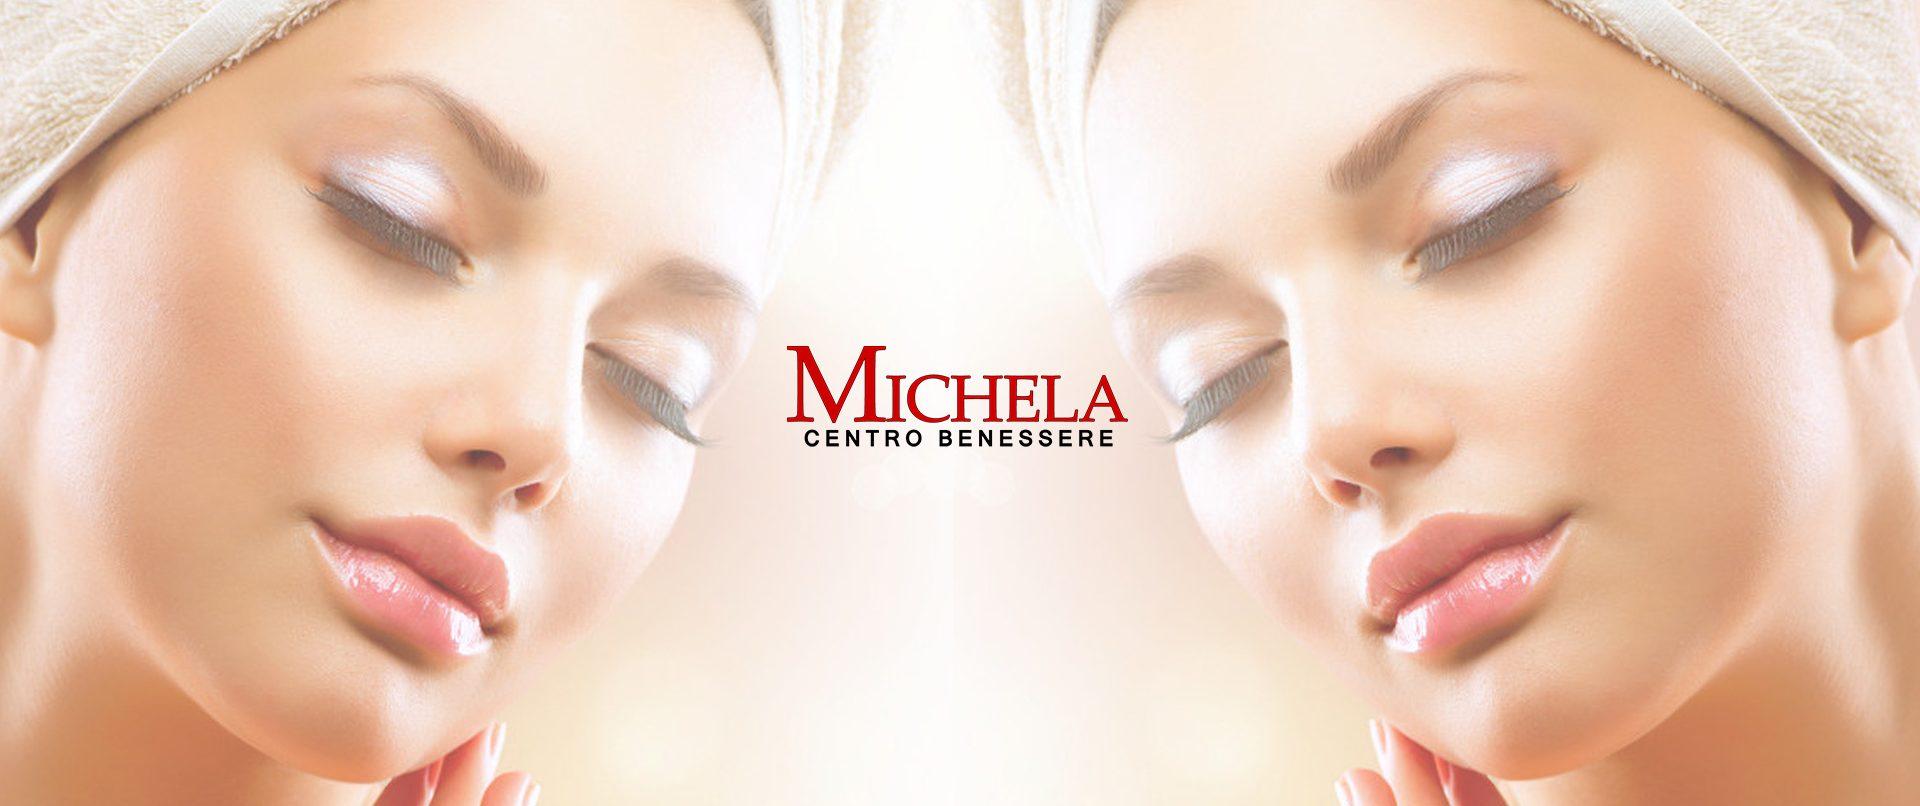 Michela Centro Benessere